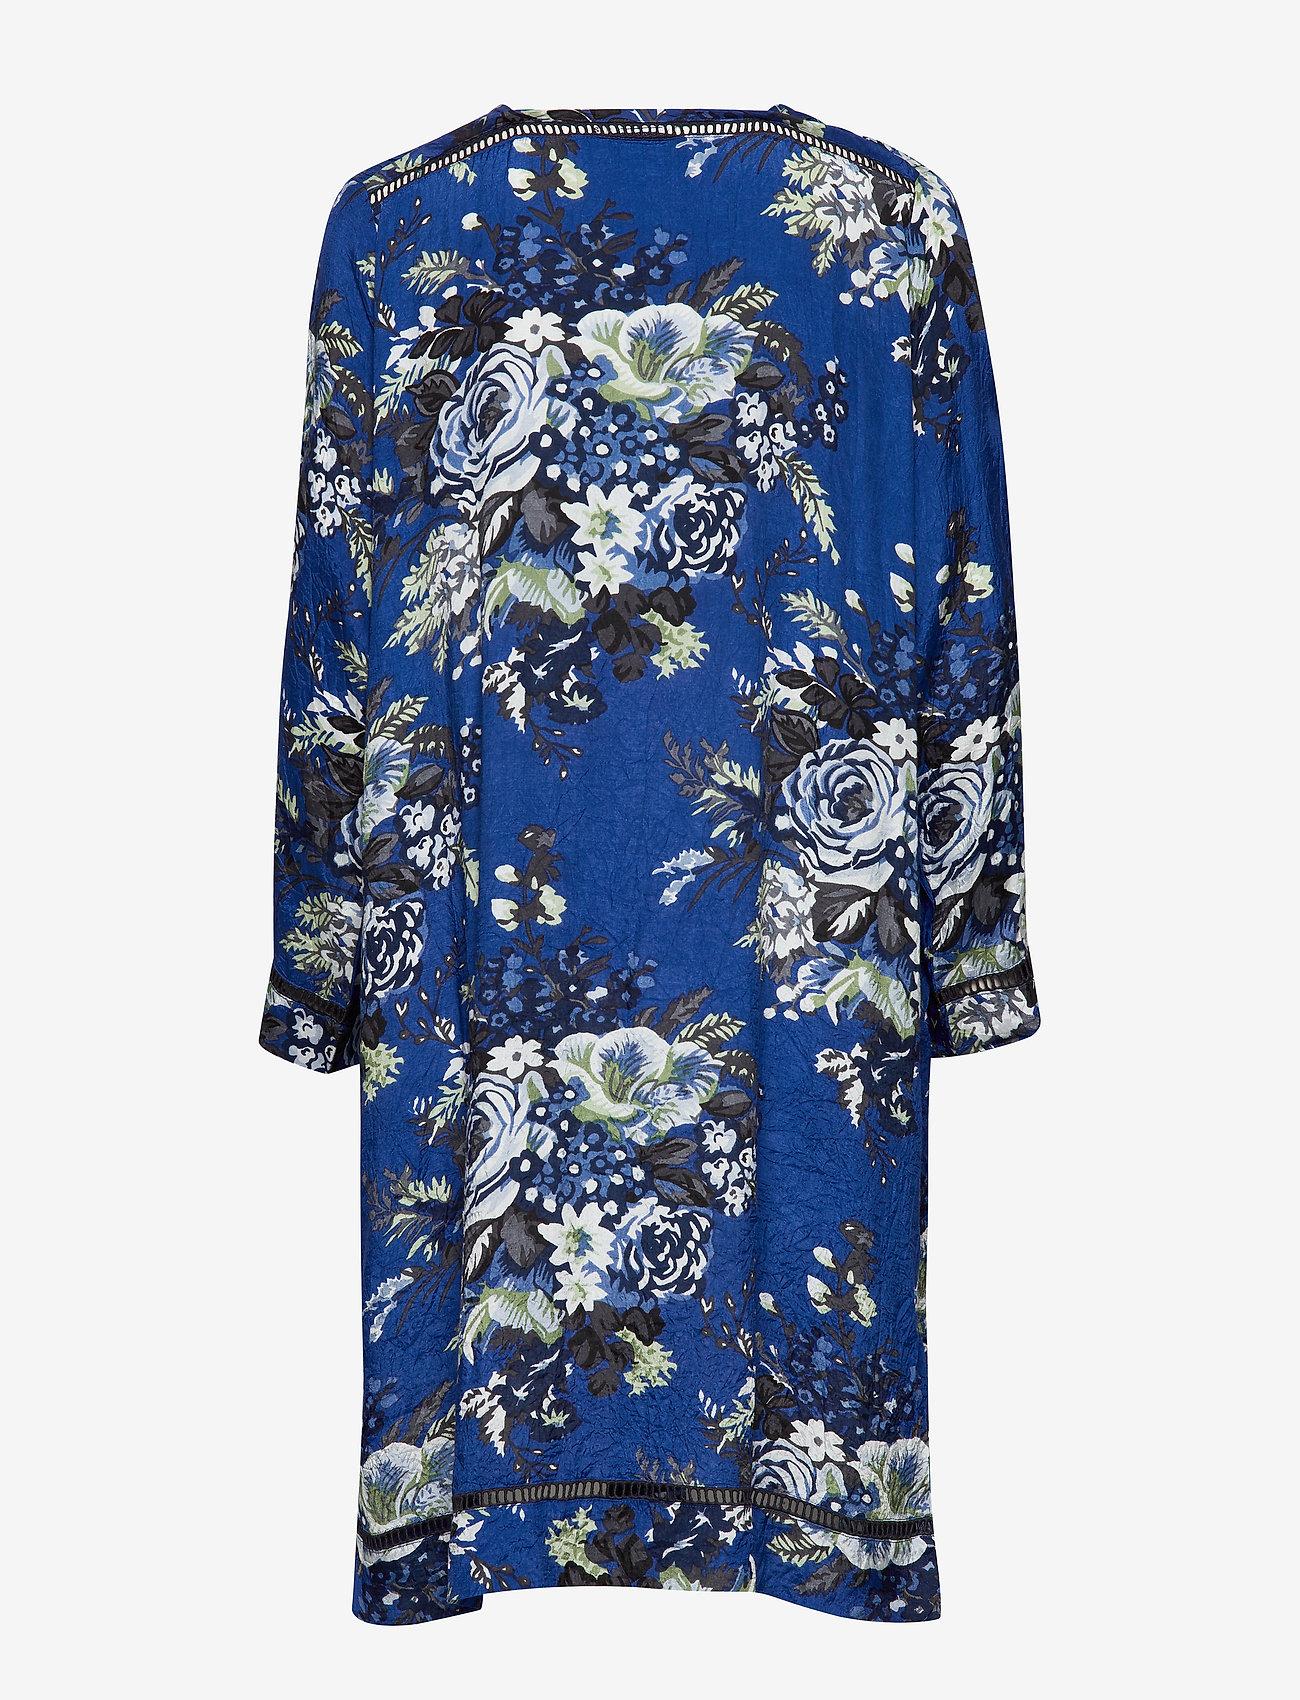 Nasira Dress (G Blue Org) (32.70 €) - Masai HvonqoJ4